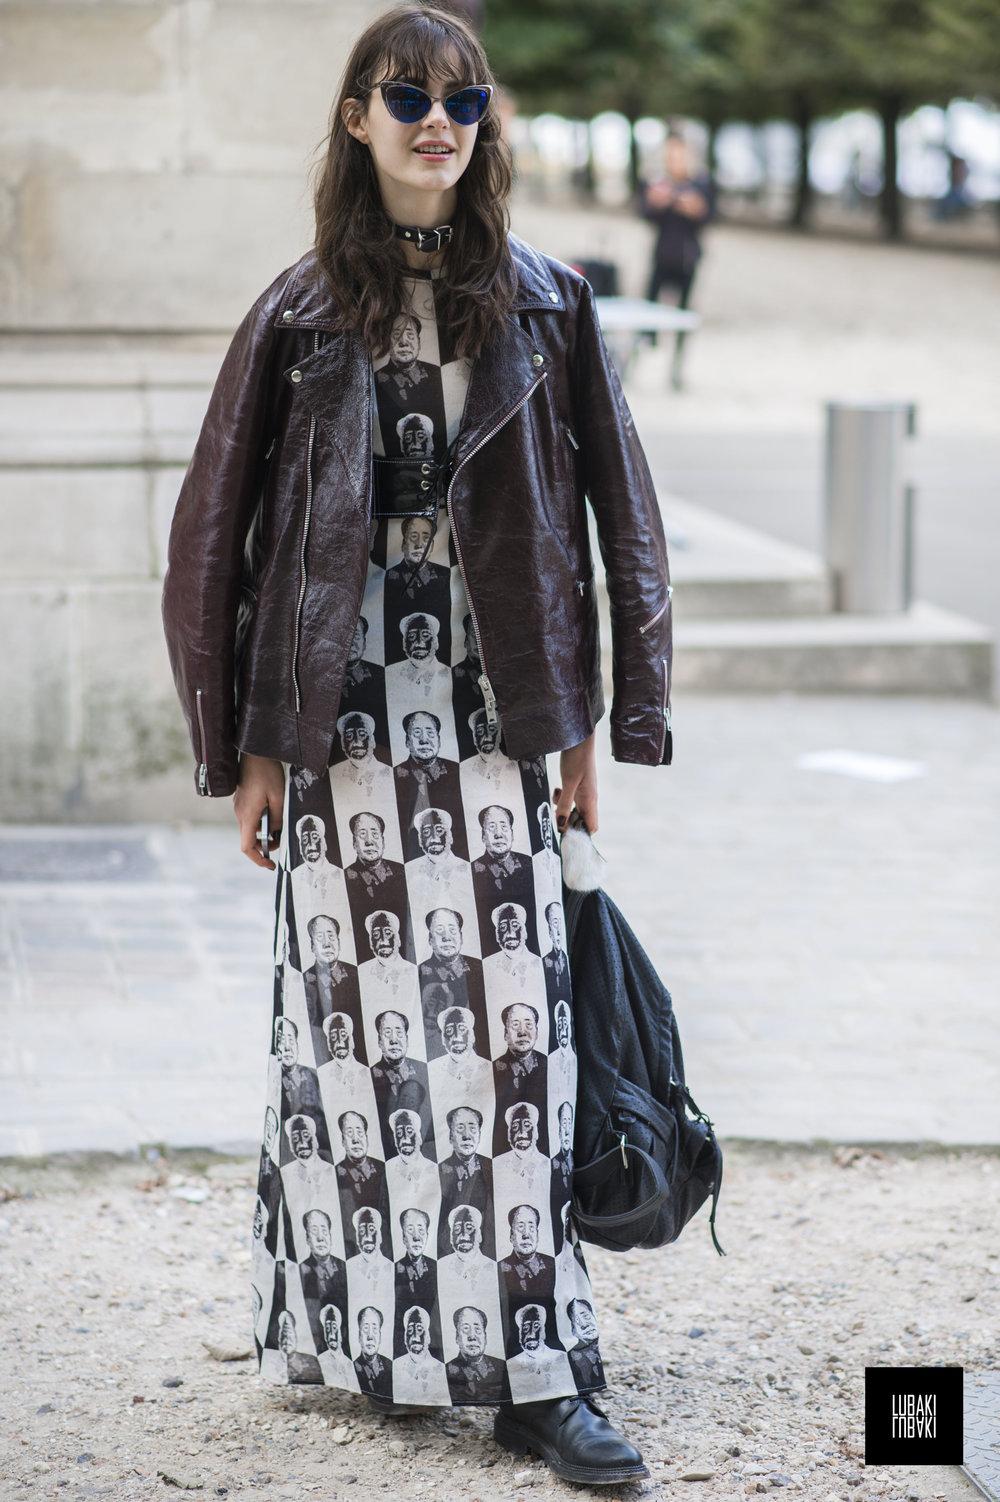 Irina Shnitman - Paris